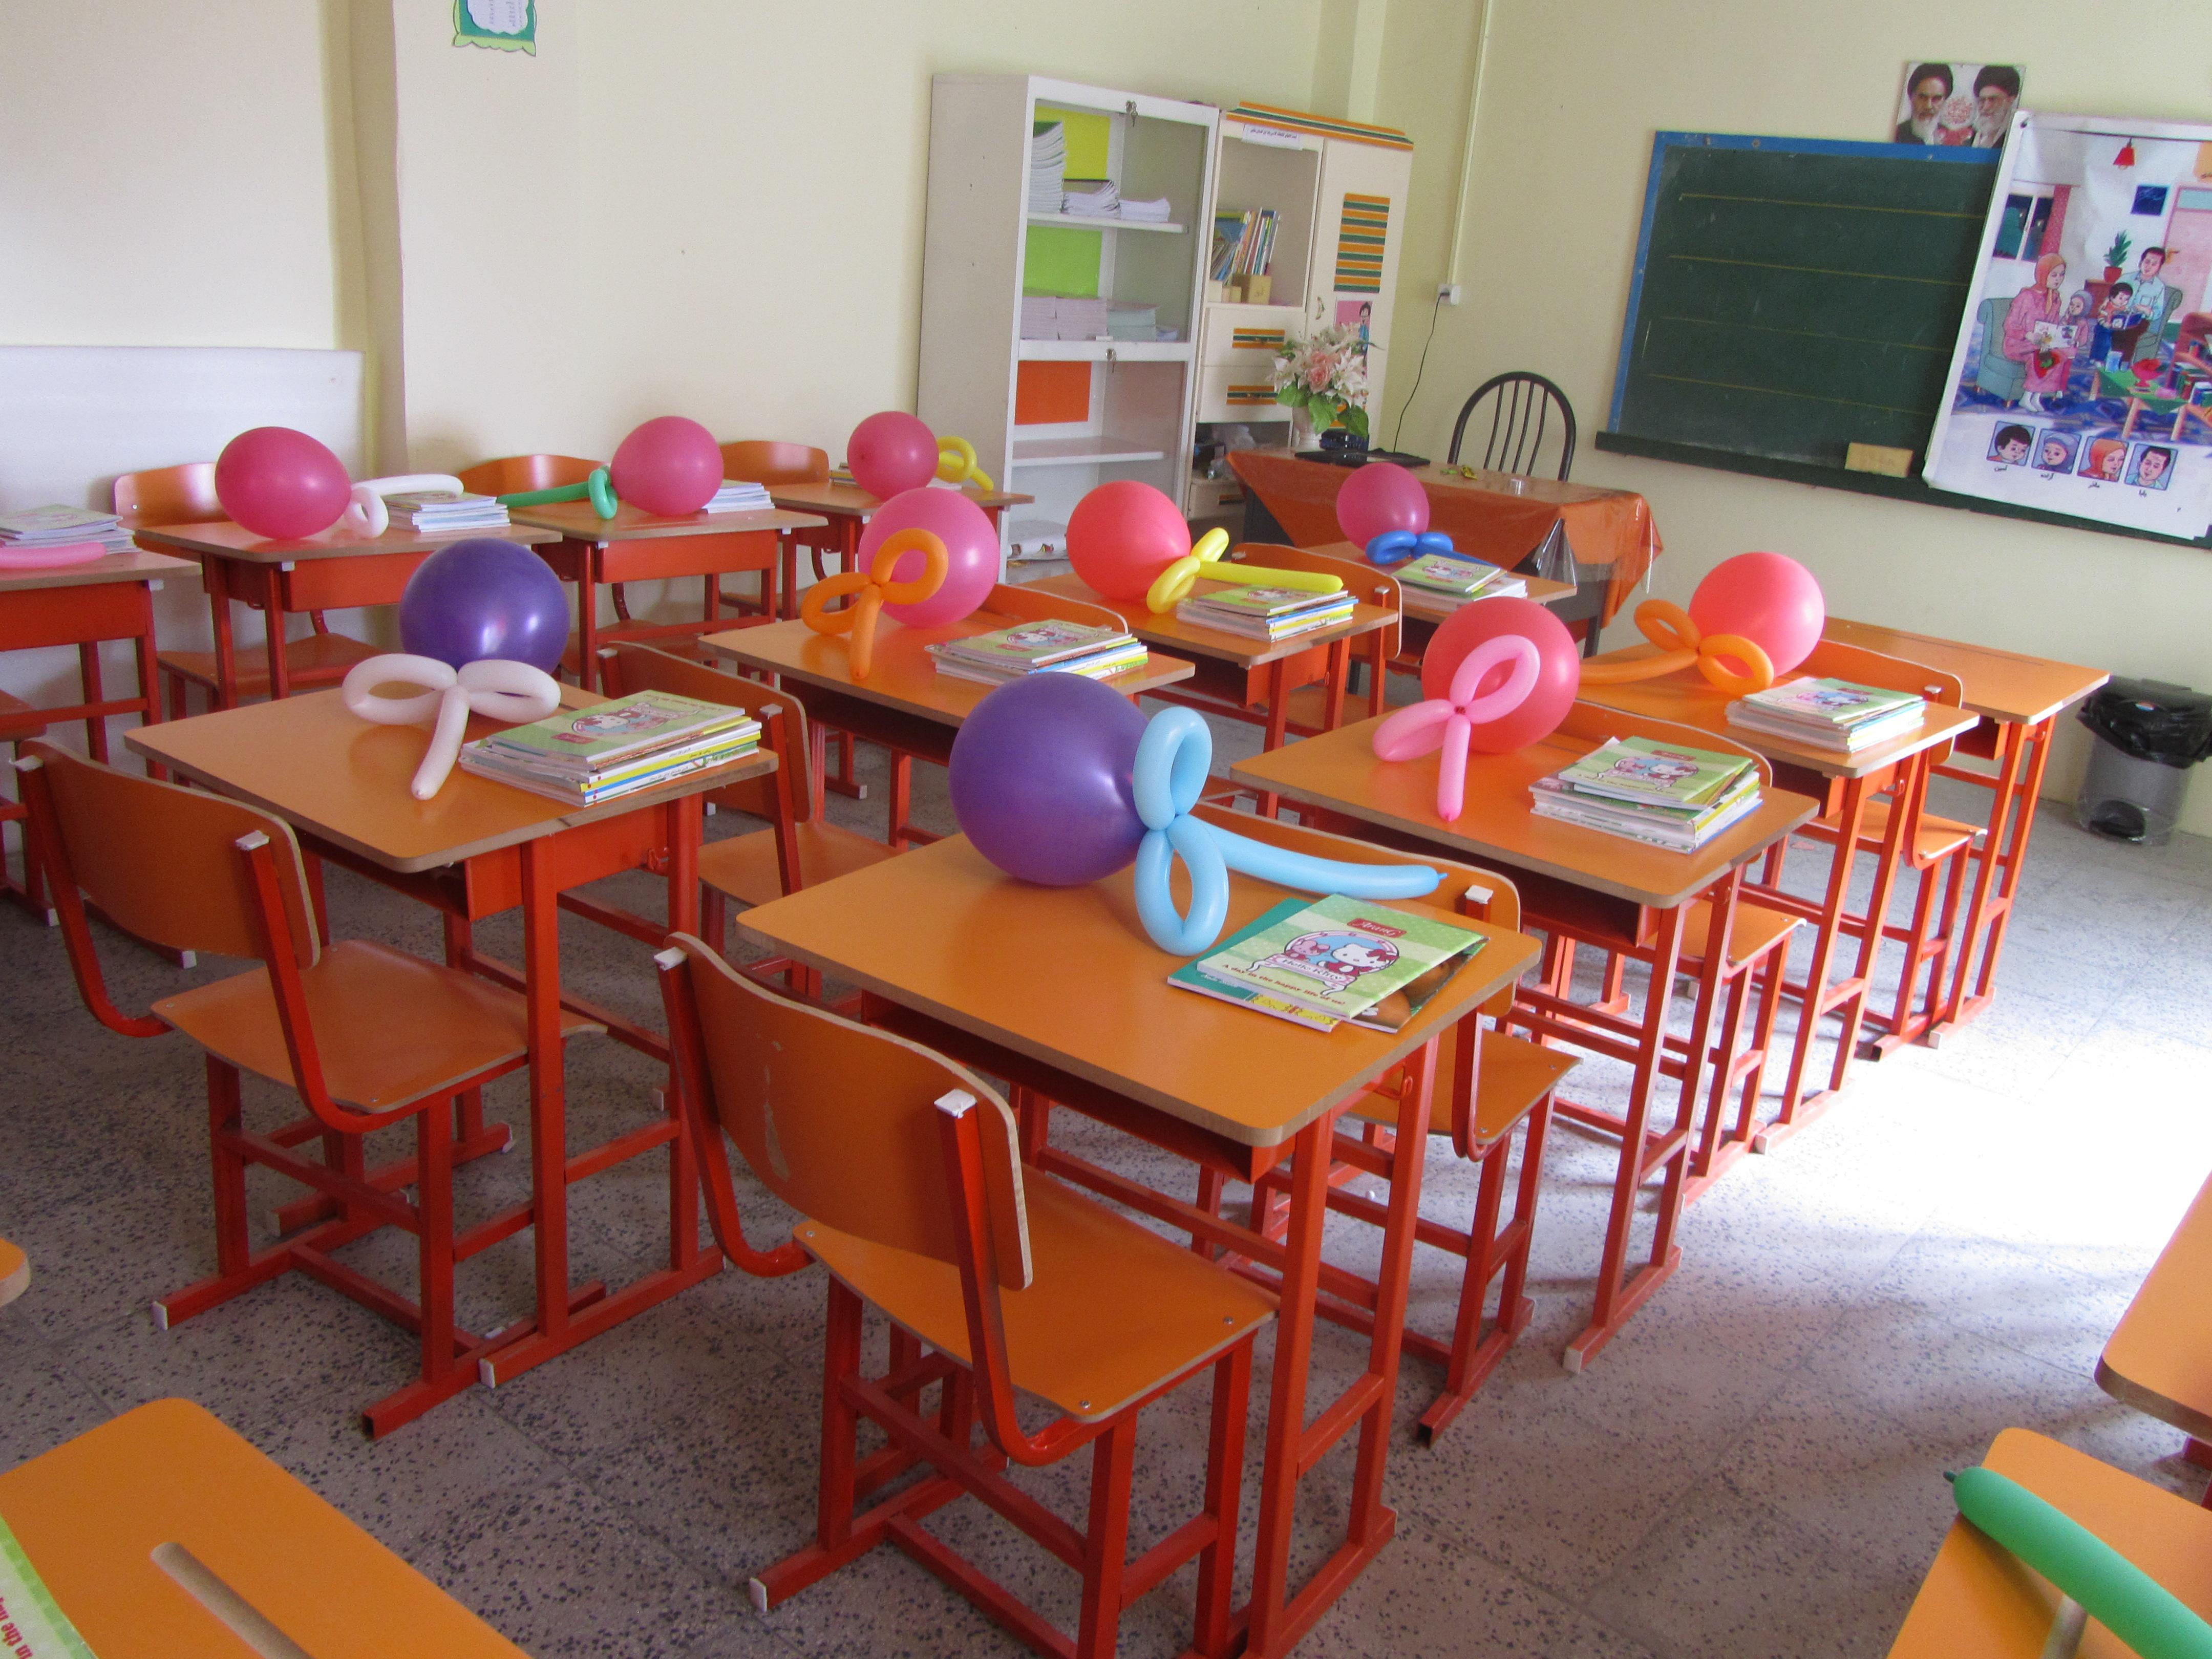 لزوم تشخیص اختلالات گفتاری کودکان پیش از ورود به مدرسه